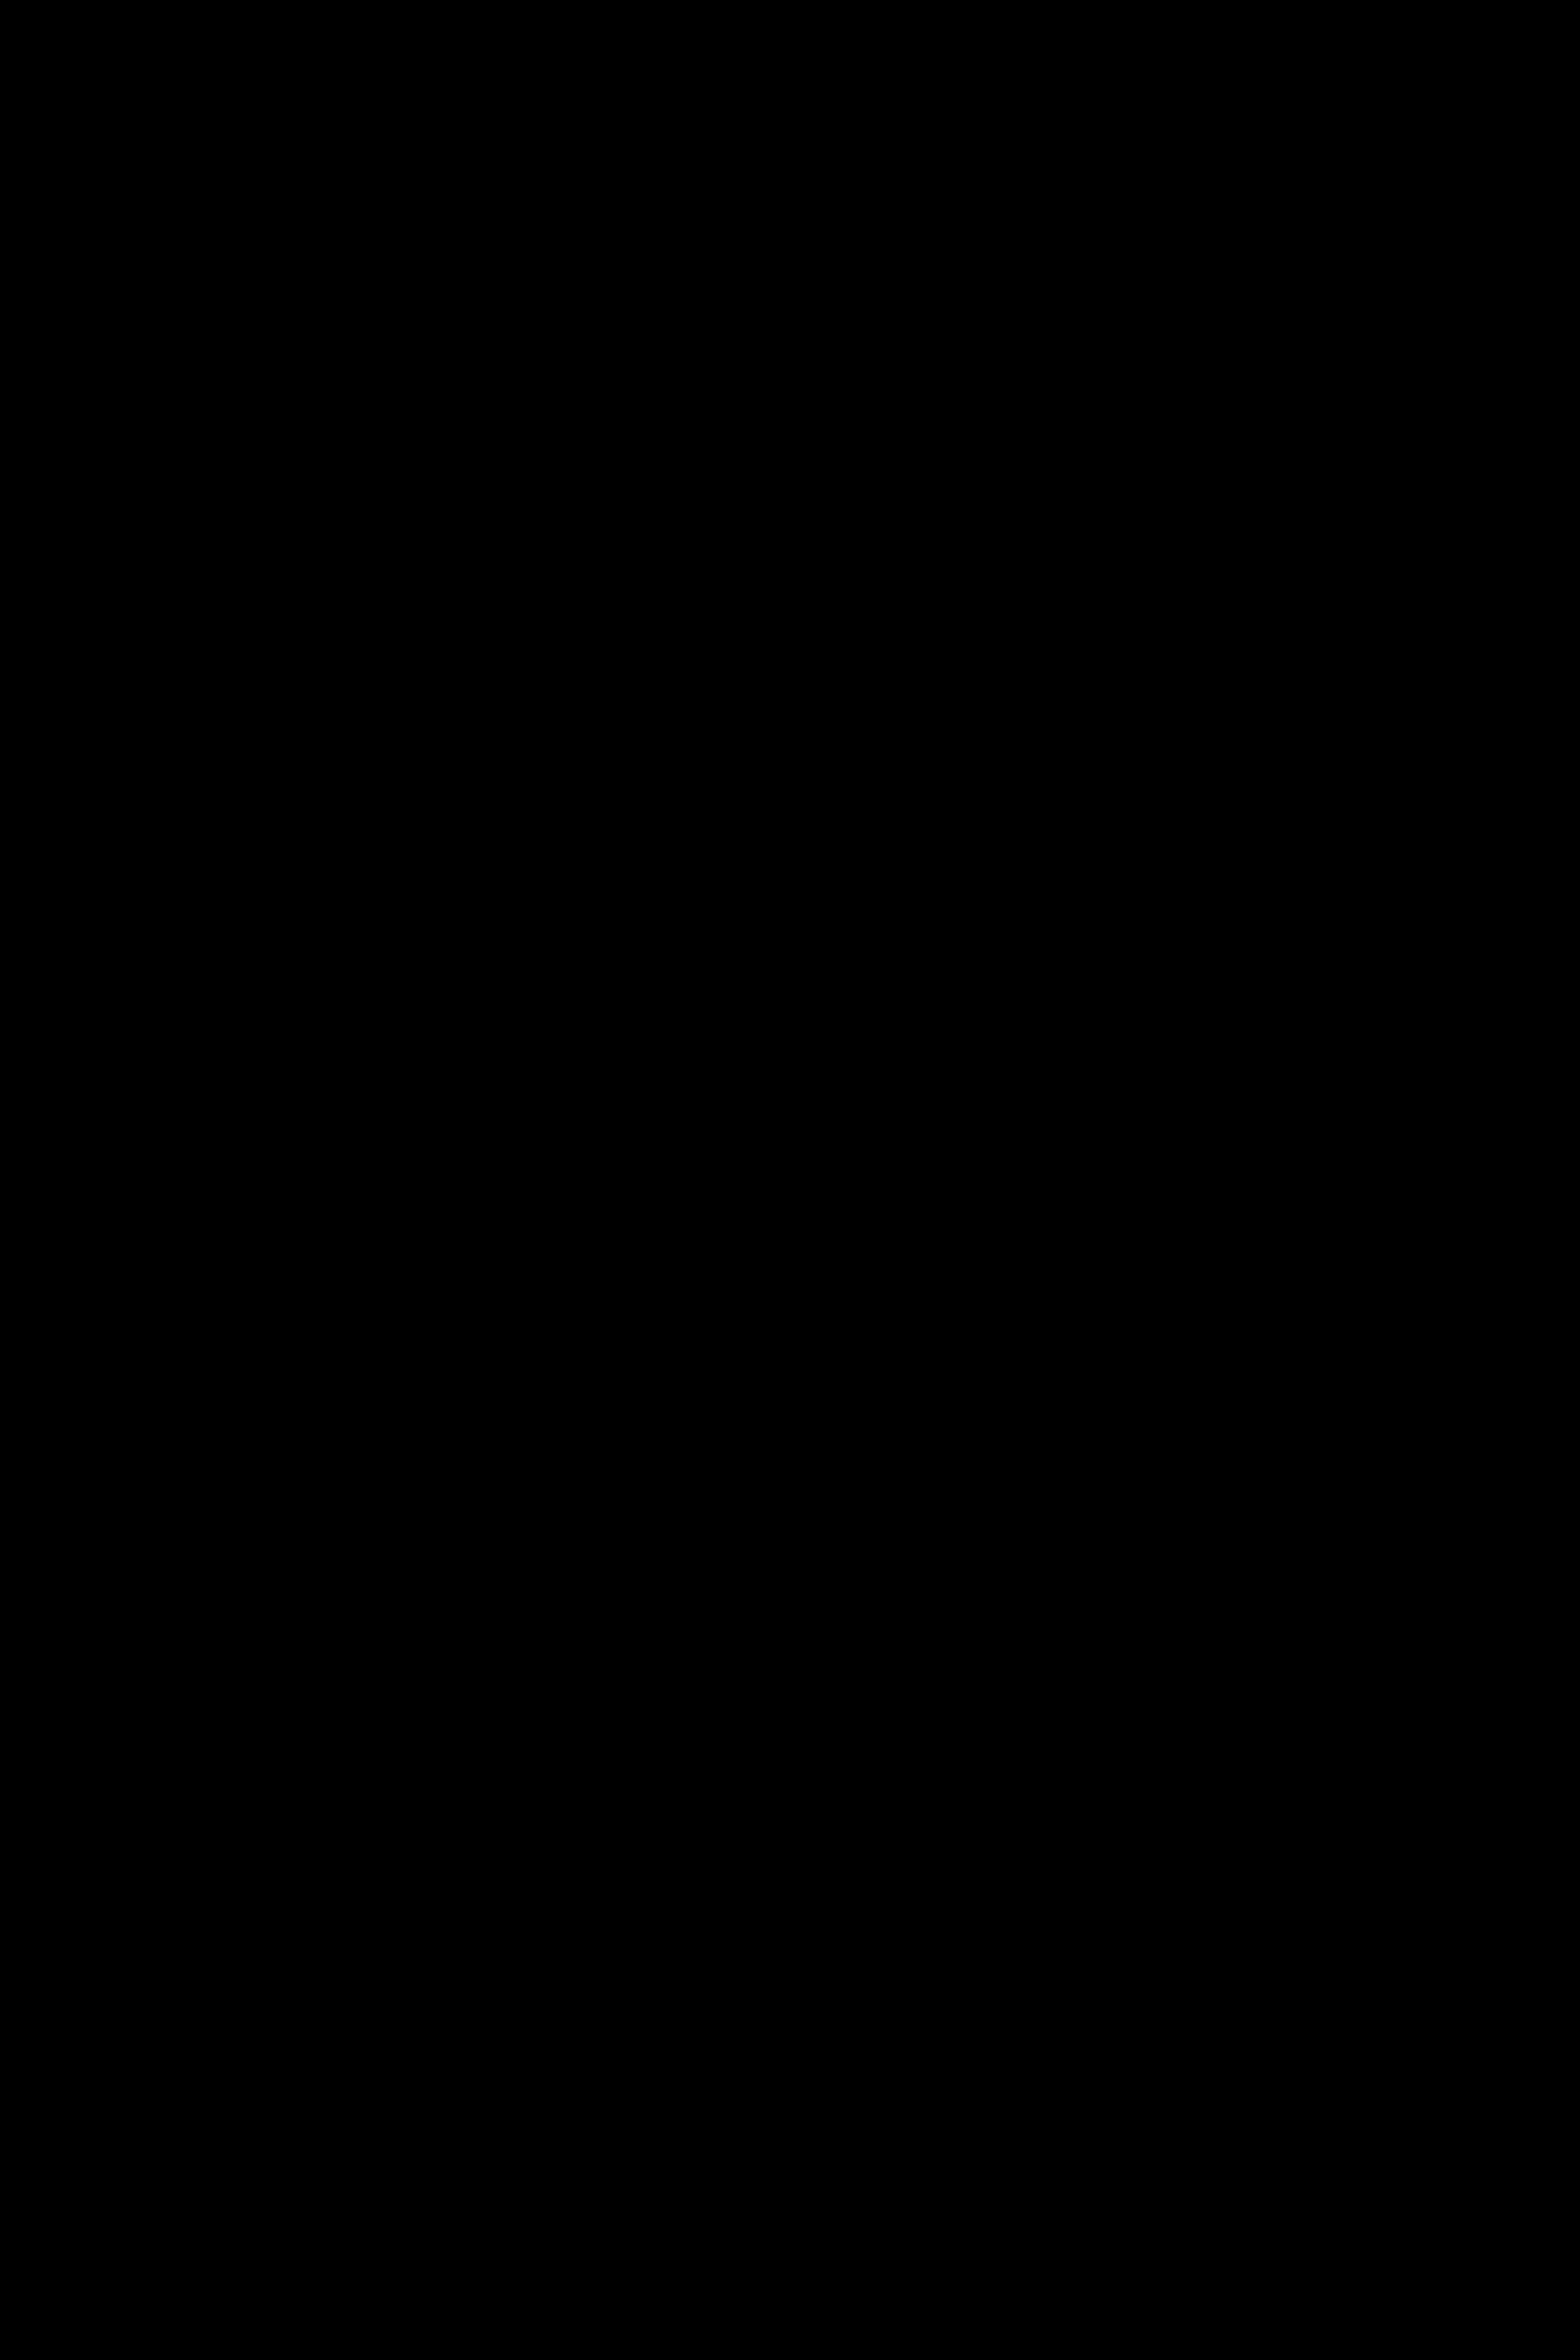 Affiche24-36 Ciné Alouette